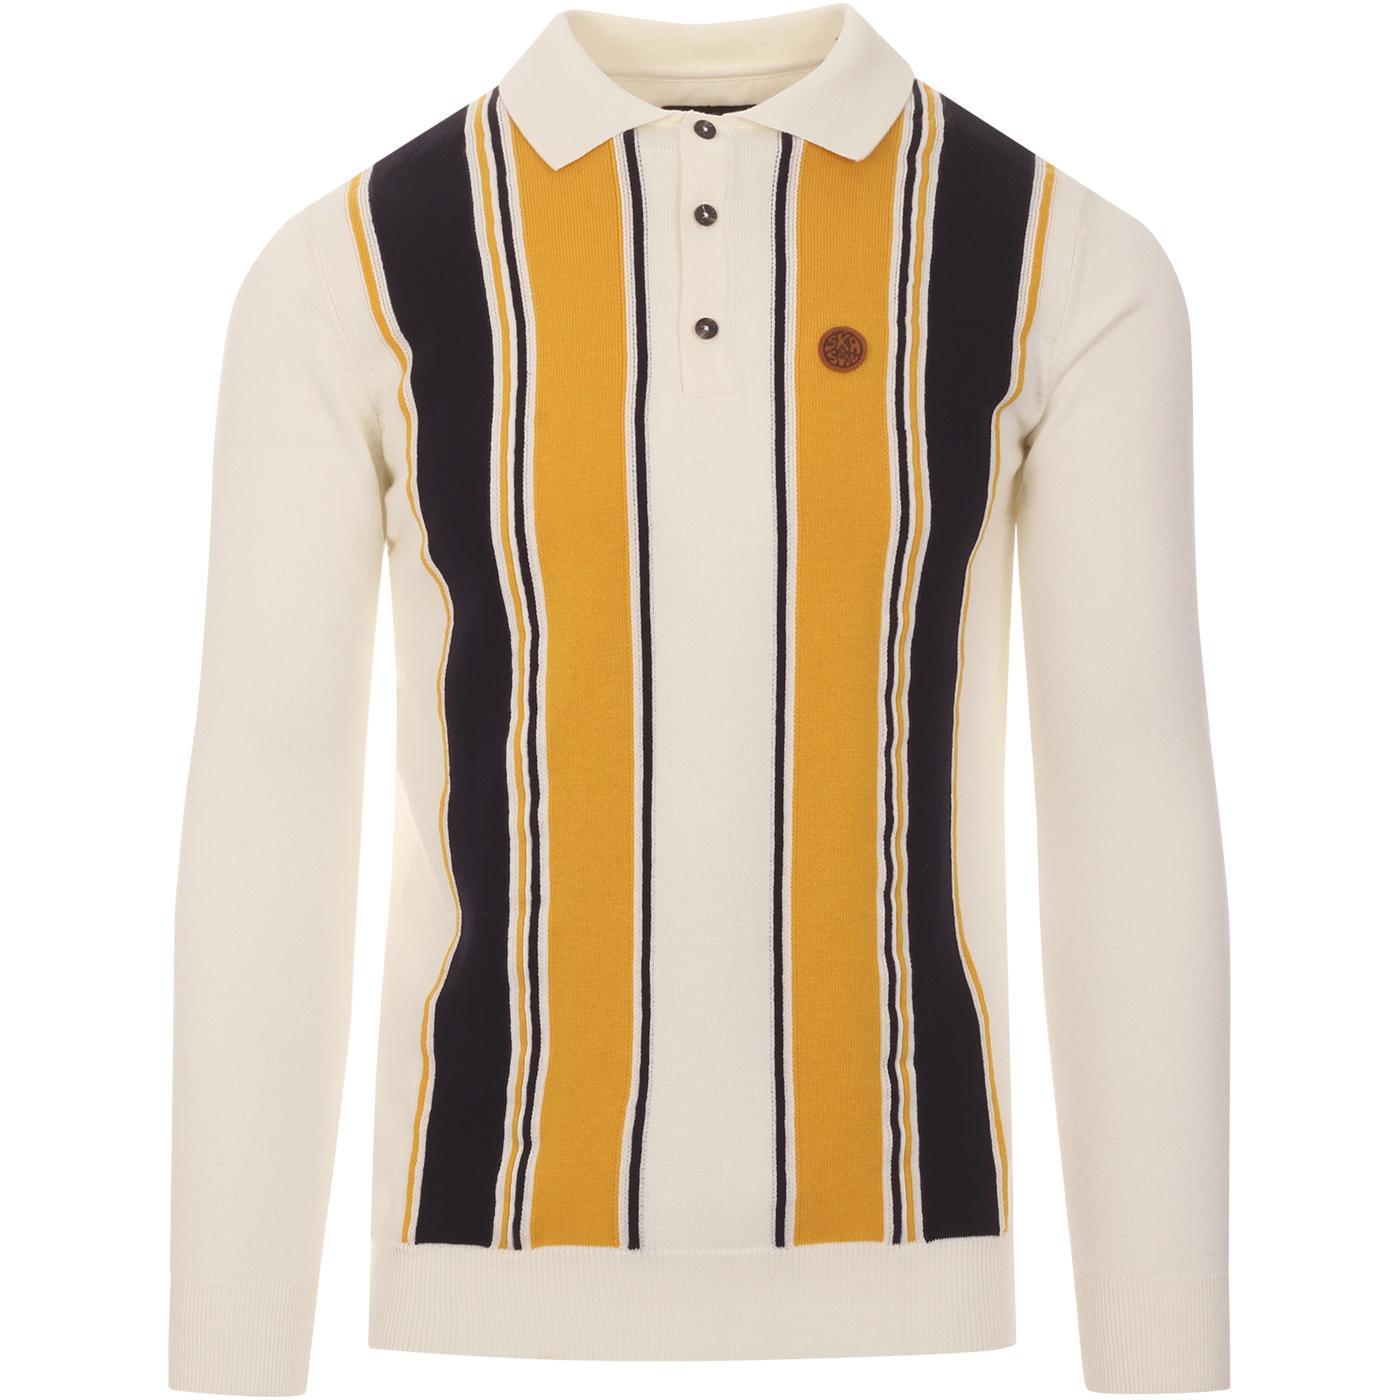 SKA & SOUL 60s Mod Stripe Front Knit Polo Top ECRU